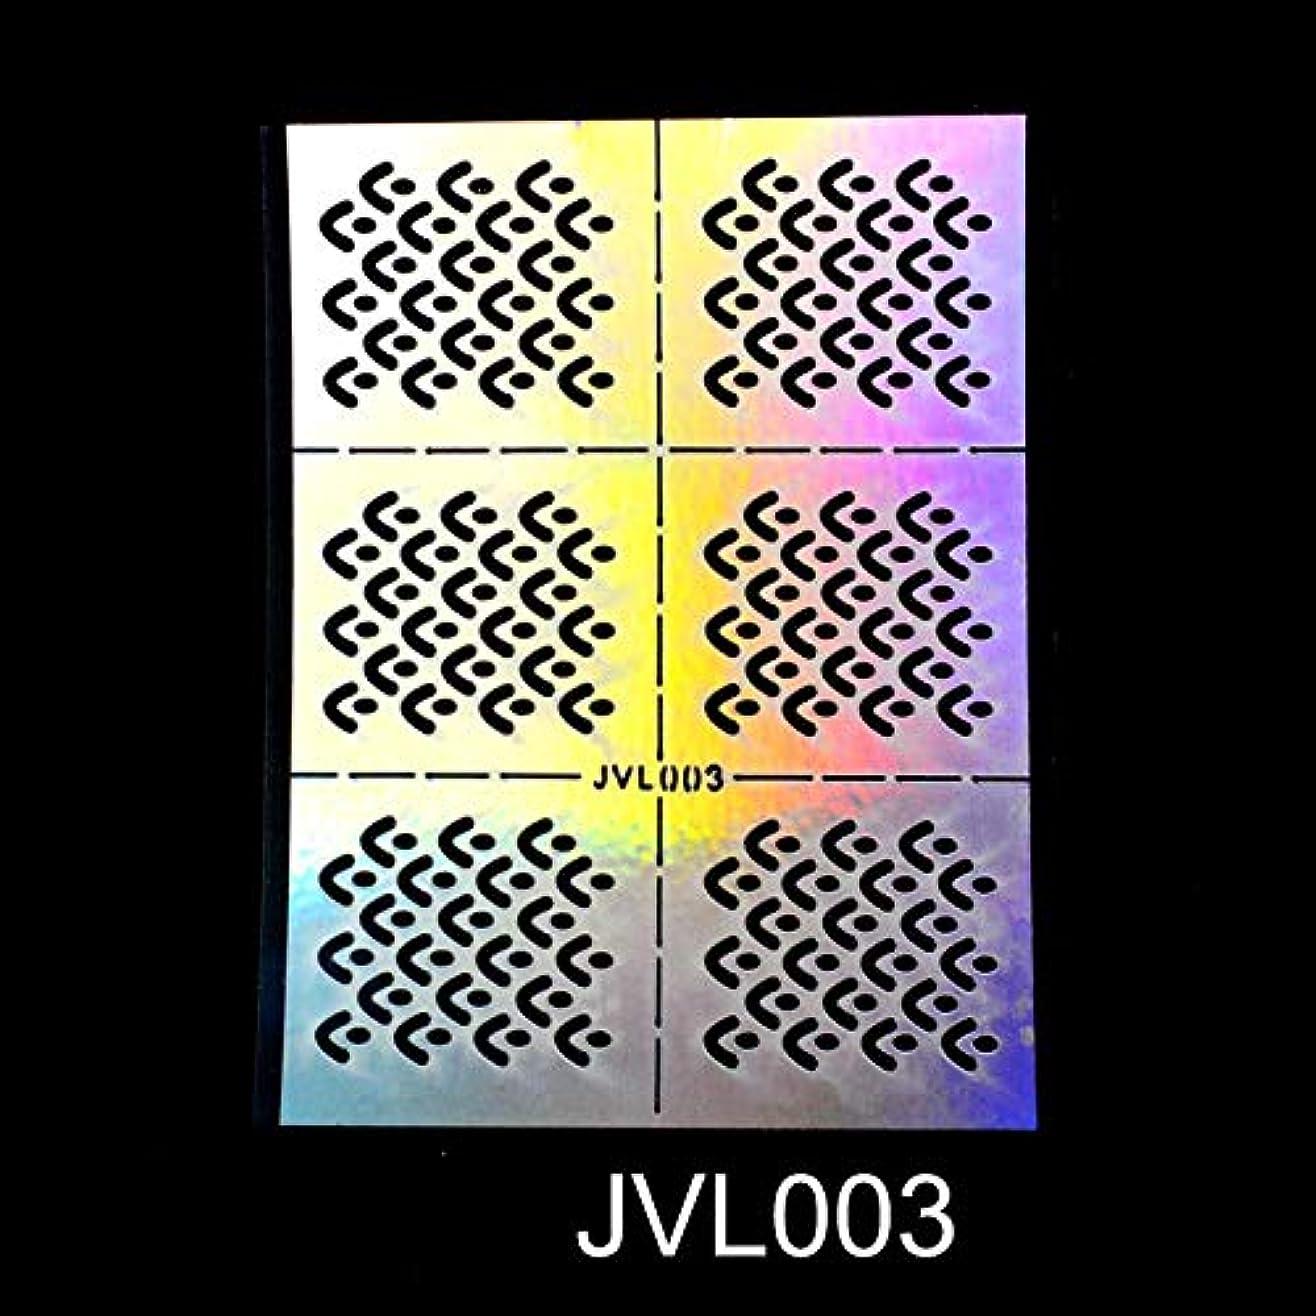 とんでもない爆発物低下SUKTI&XIAO ネイルステッカー 1Pc中空アウトネイルアートDIYのヒントガイド転送ステッカーアクセサリーのヒントマニキュアデカール装飾、Jvl003